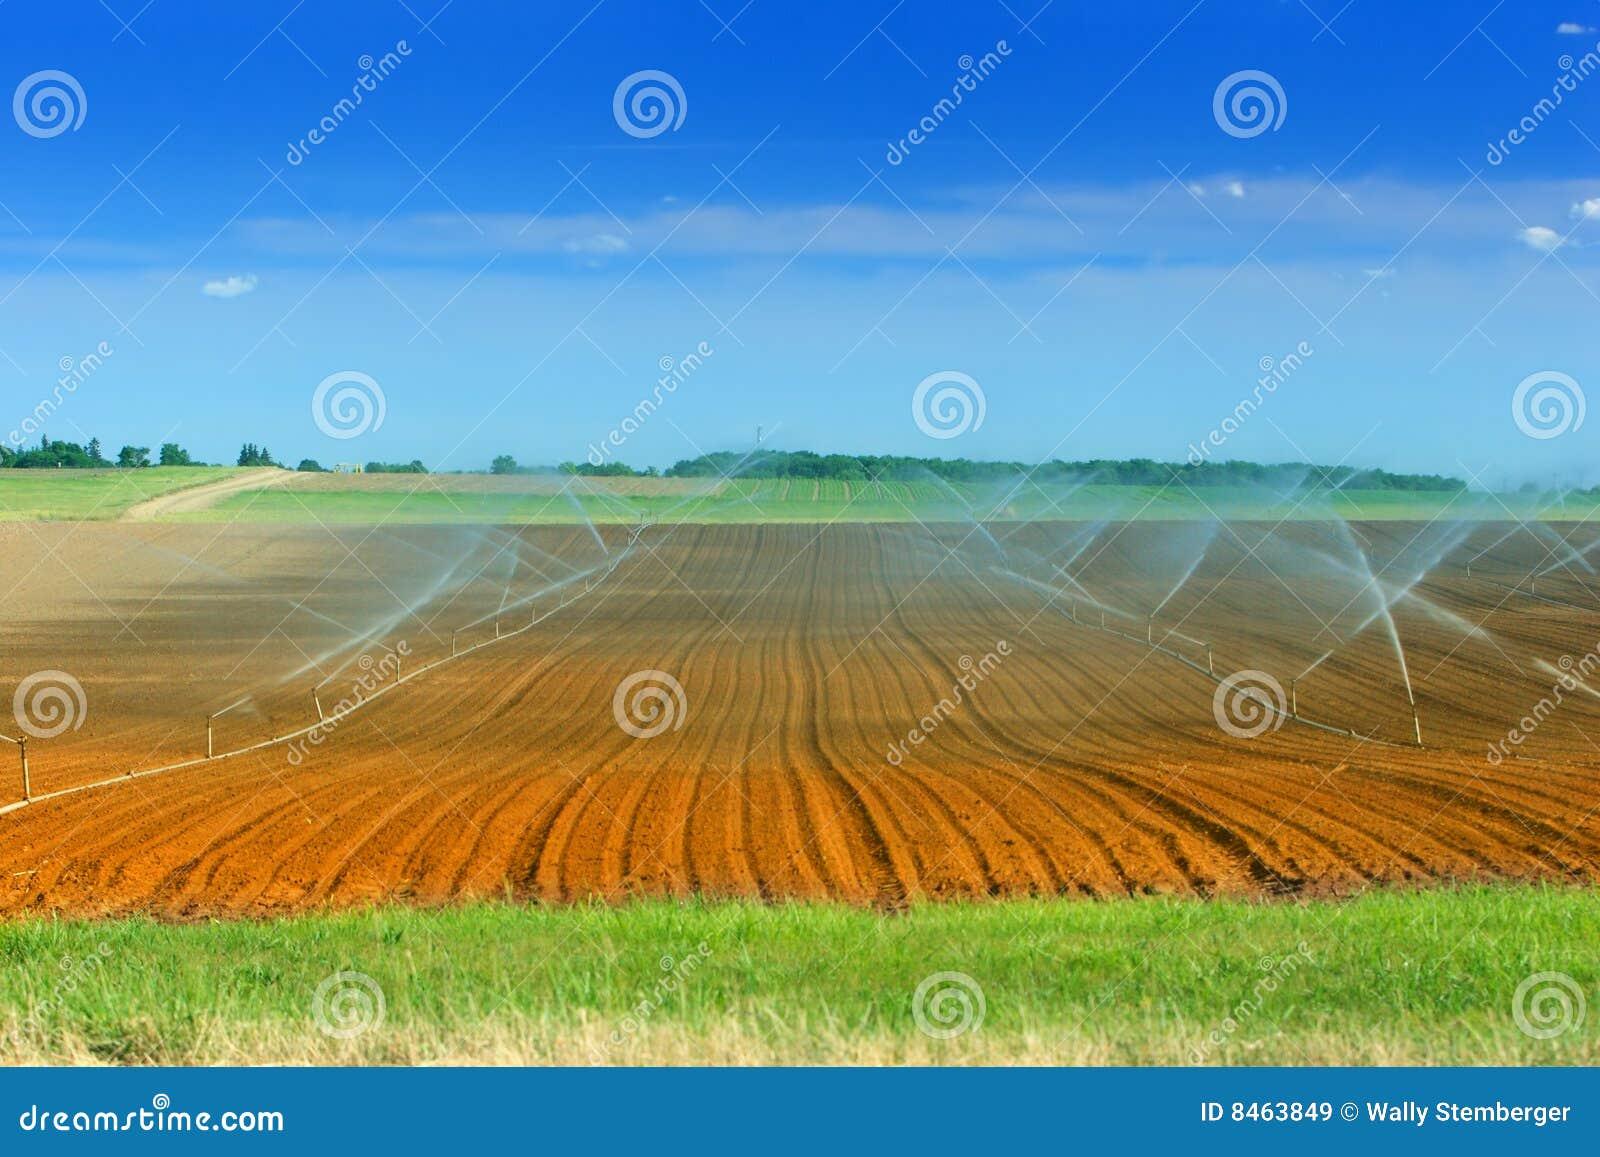 Jordbruksmarkbevattning